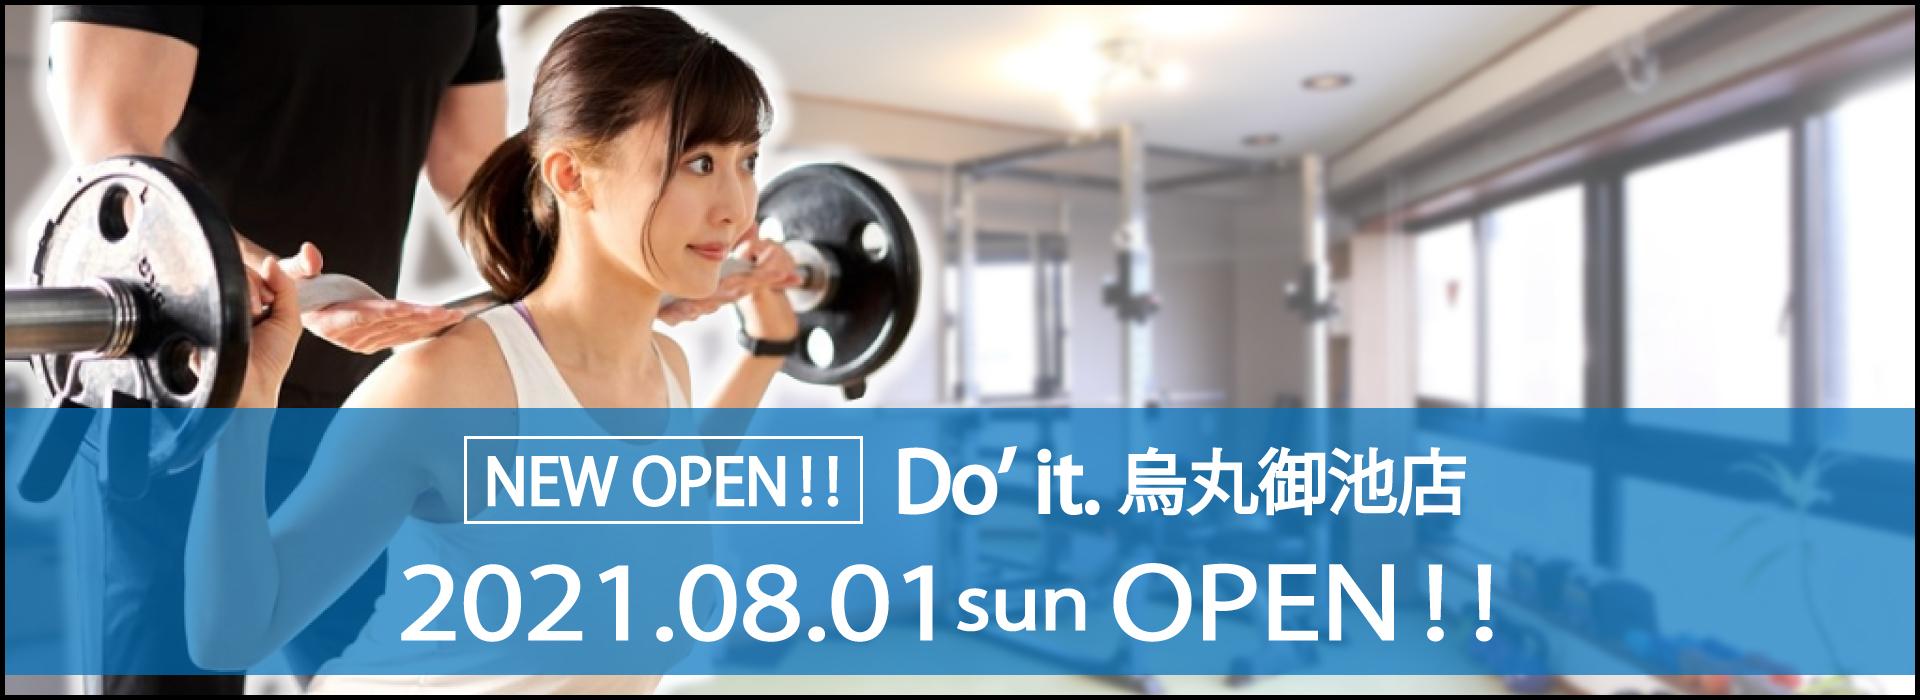 新店舗 オープン バナー.jpg